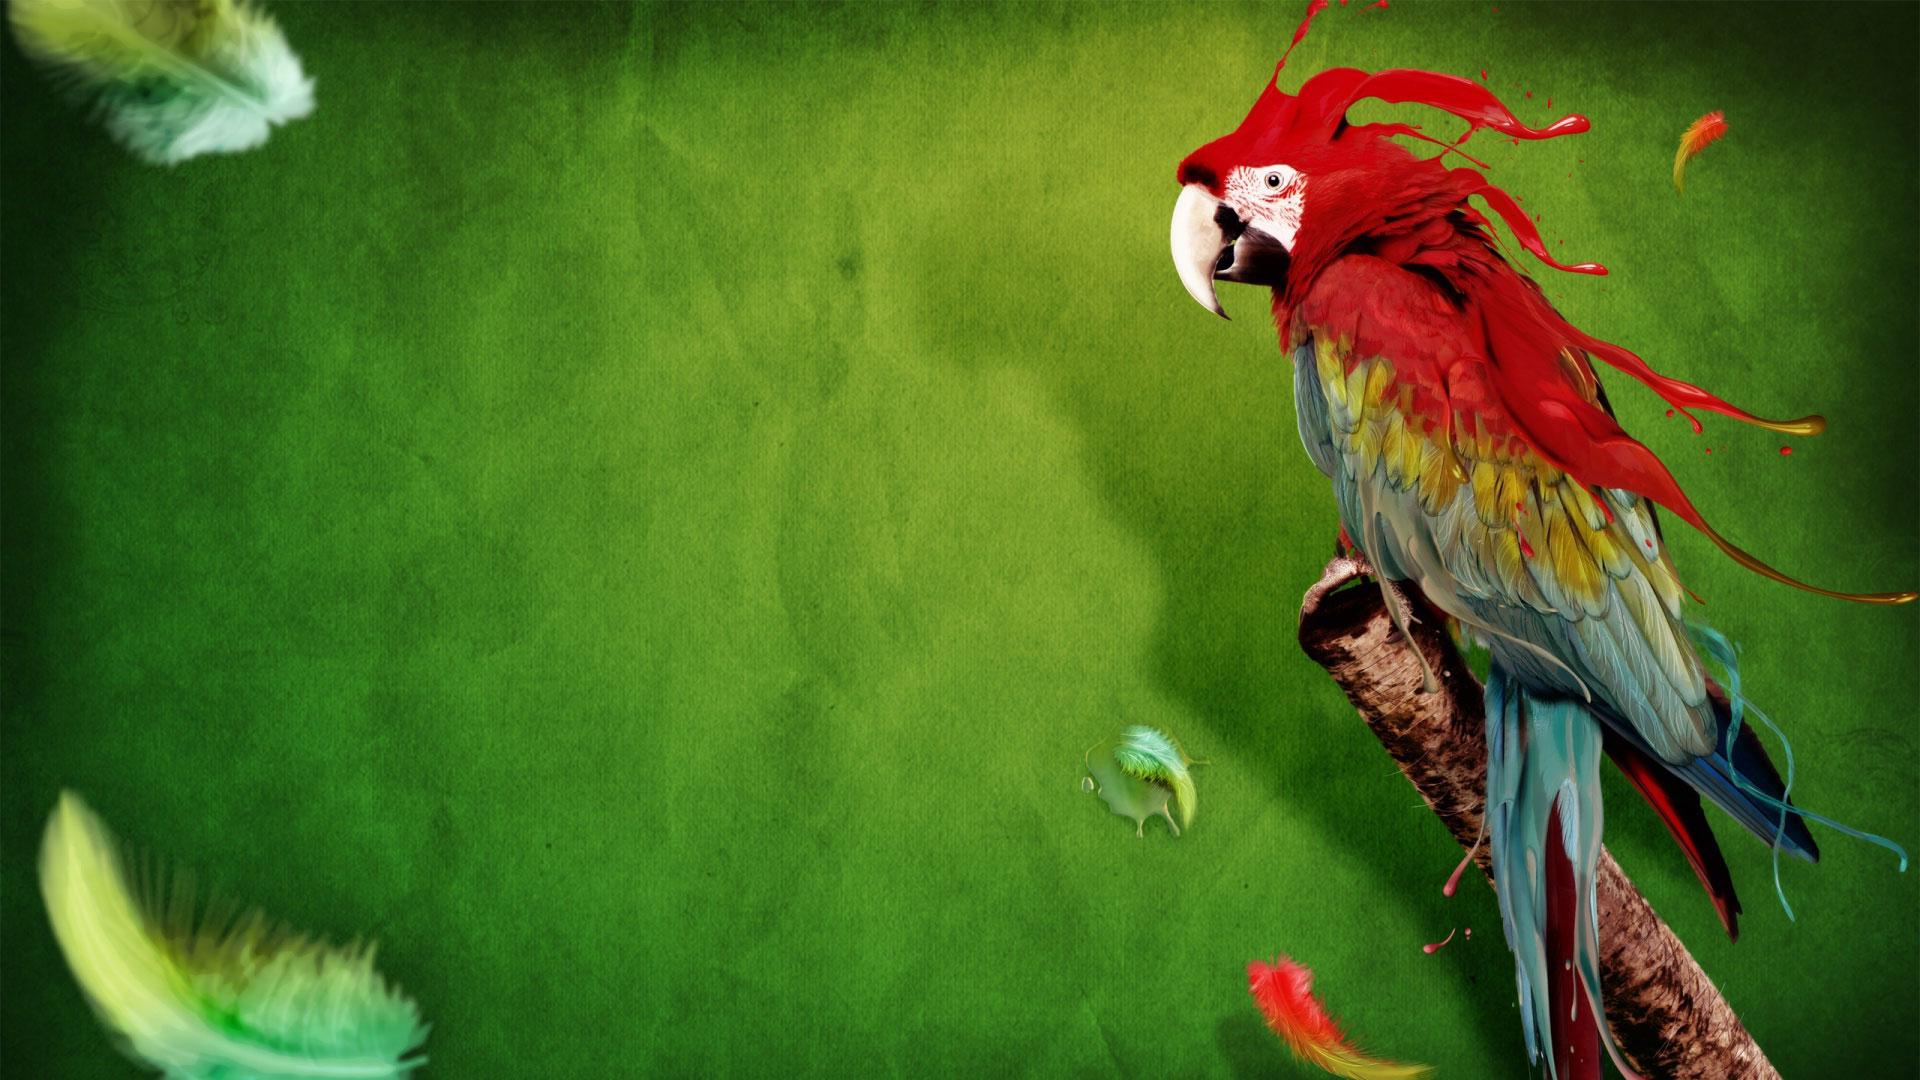 Parrot Backgrounds PC Mobile Gadgets Compatible 1920x1080 1920x1080